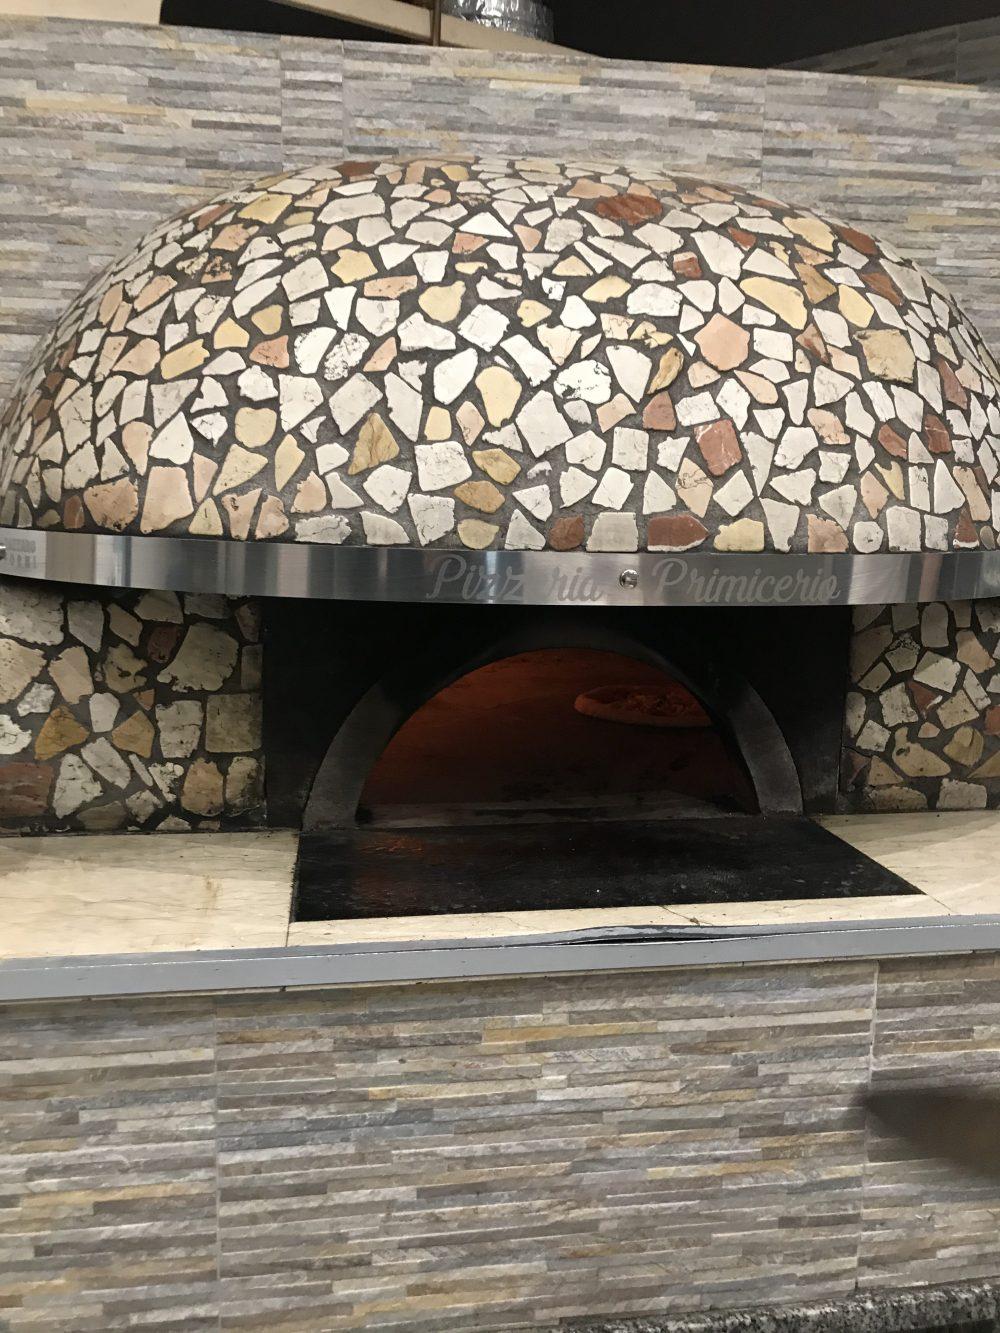 Pizzeria Primicerio - forno